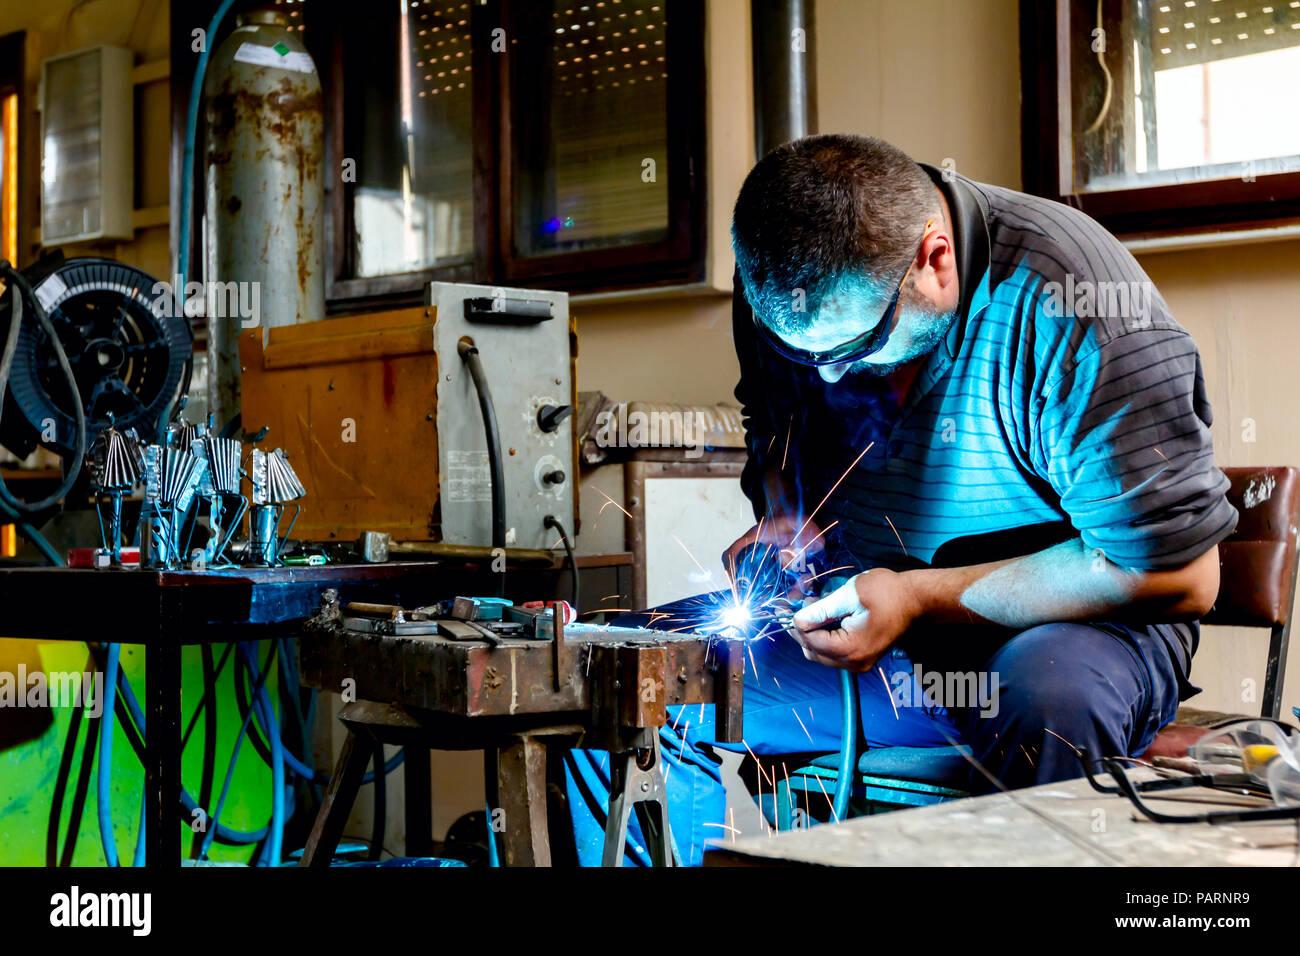 Scultore è tramite saldatura ad arco per gruppo di scultura di metallo barehanded con occhiali protettivi. Immagini Stock